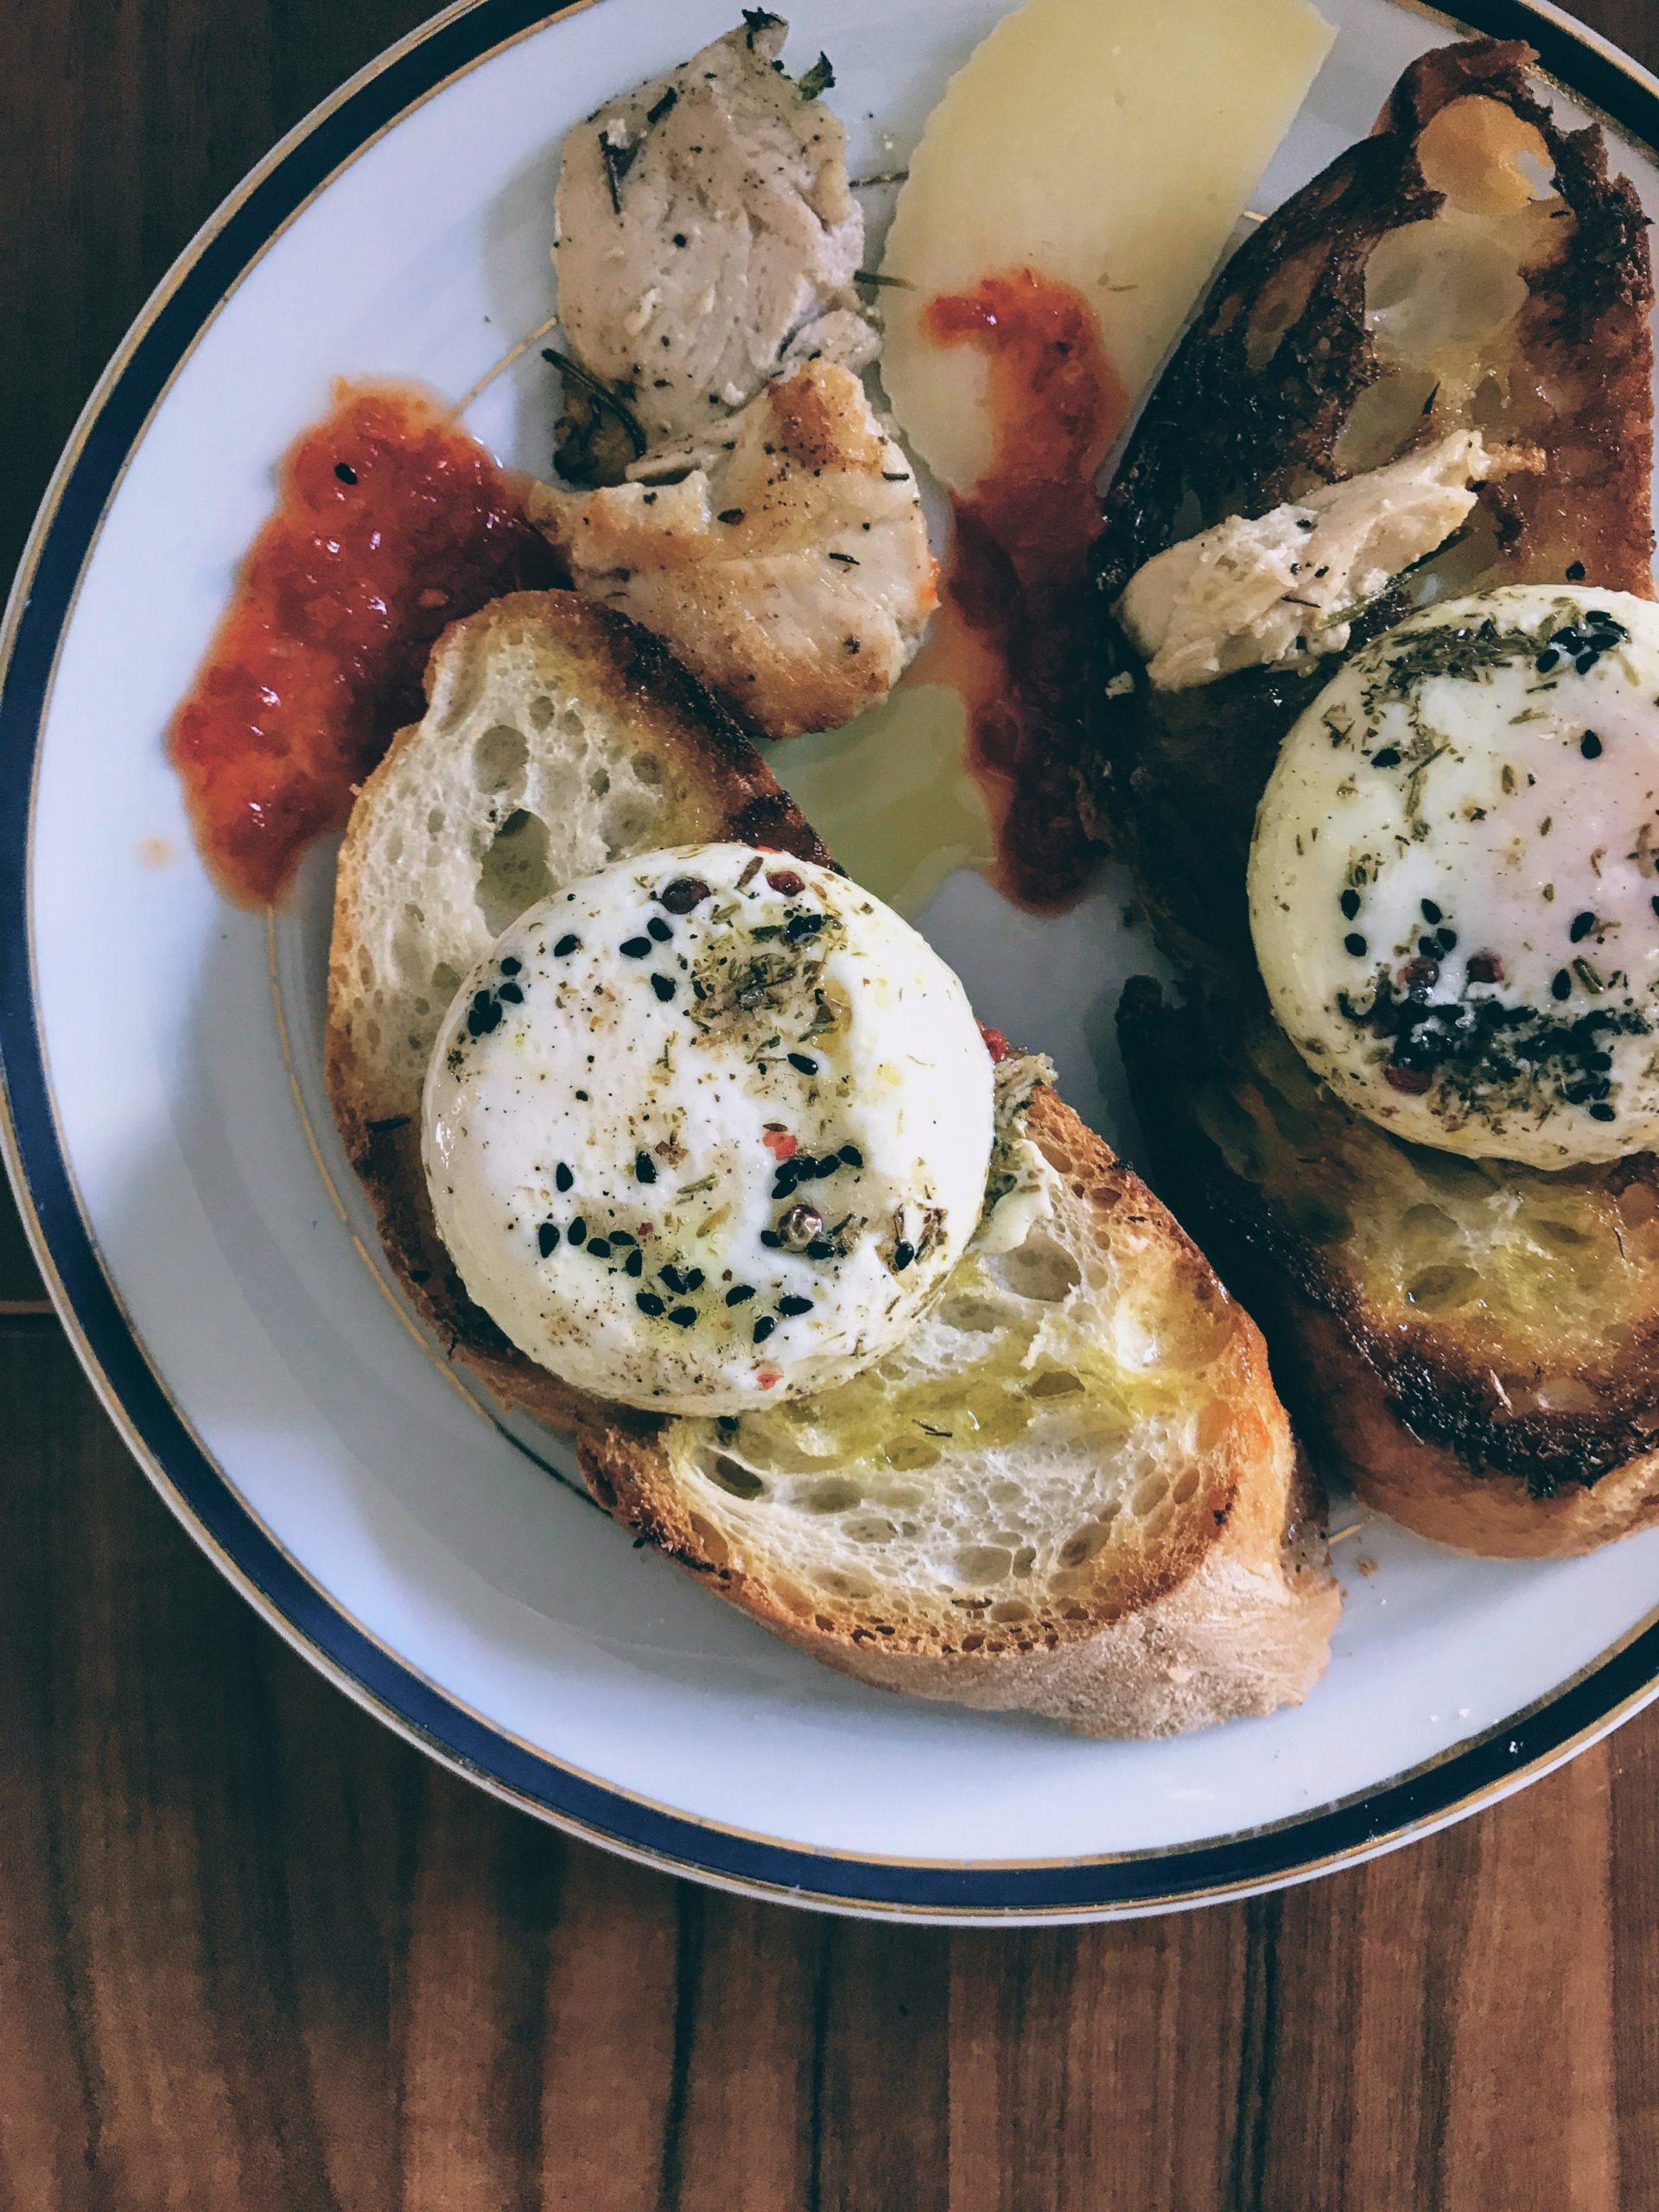 Naxos: homemade jams and a hearty breakfast at Melimilon